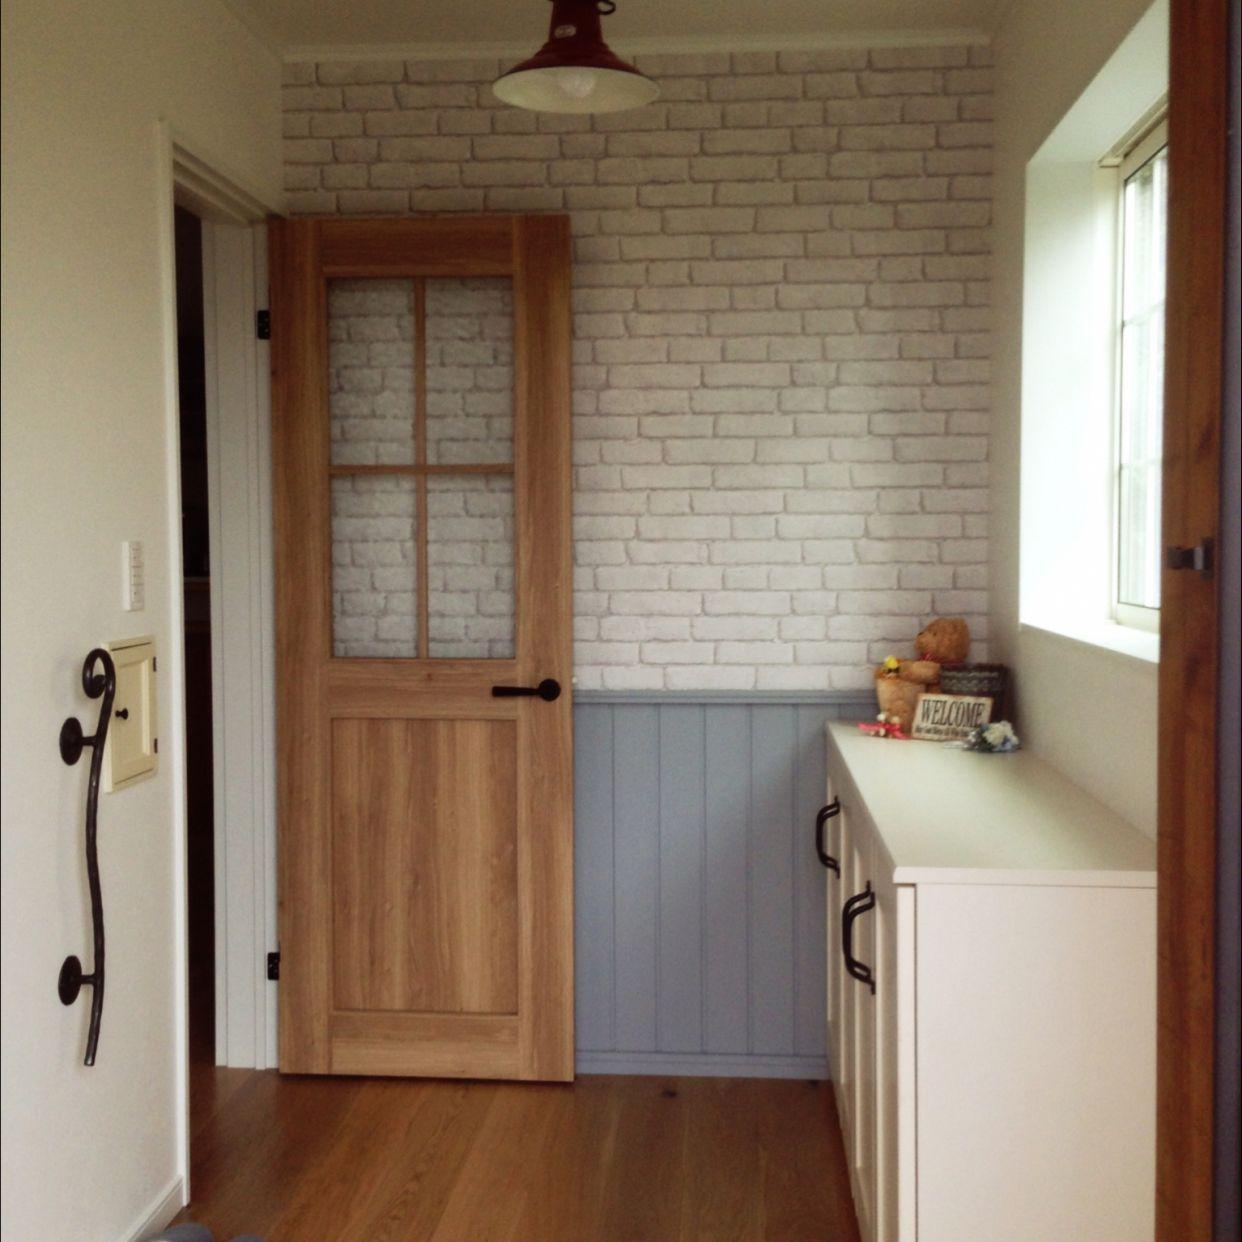 玄関 入り口 腰壁 カフェ風 レンガ壁紙 アイアン 手摺のインテリア実例